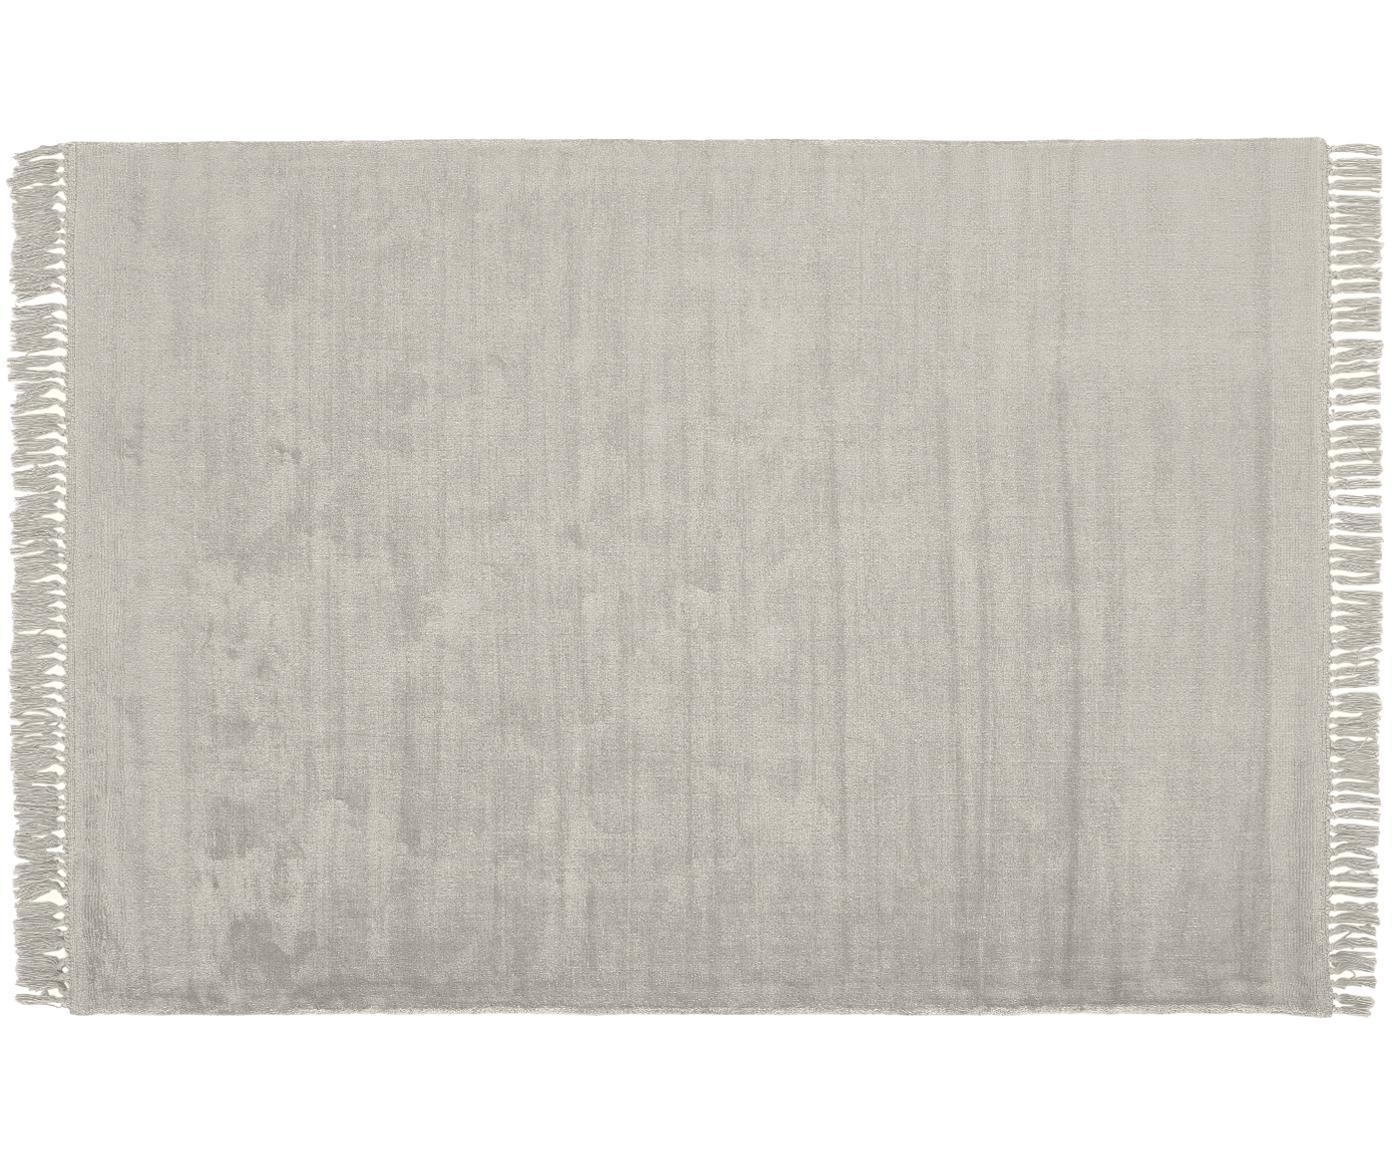 Handgeweven viscose vloerkleed Aria met franjes in grijs, Bovenzijde: 100% viscose, Onderzijde: 100% katoen, Lichtgrijs, B 160 x L 230 cm (maat M)